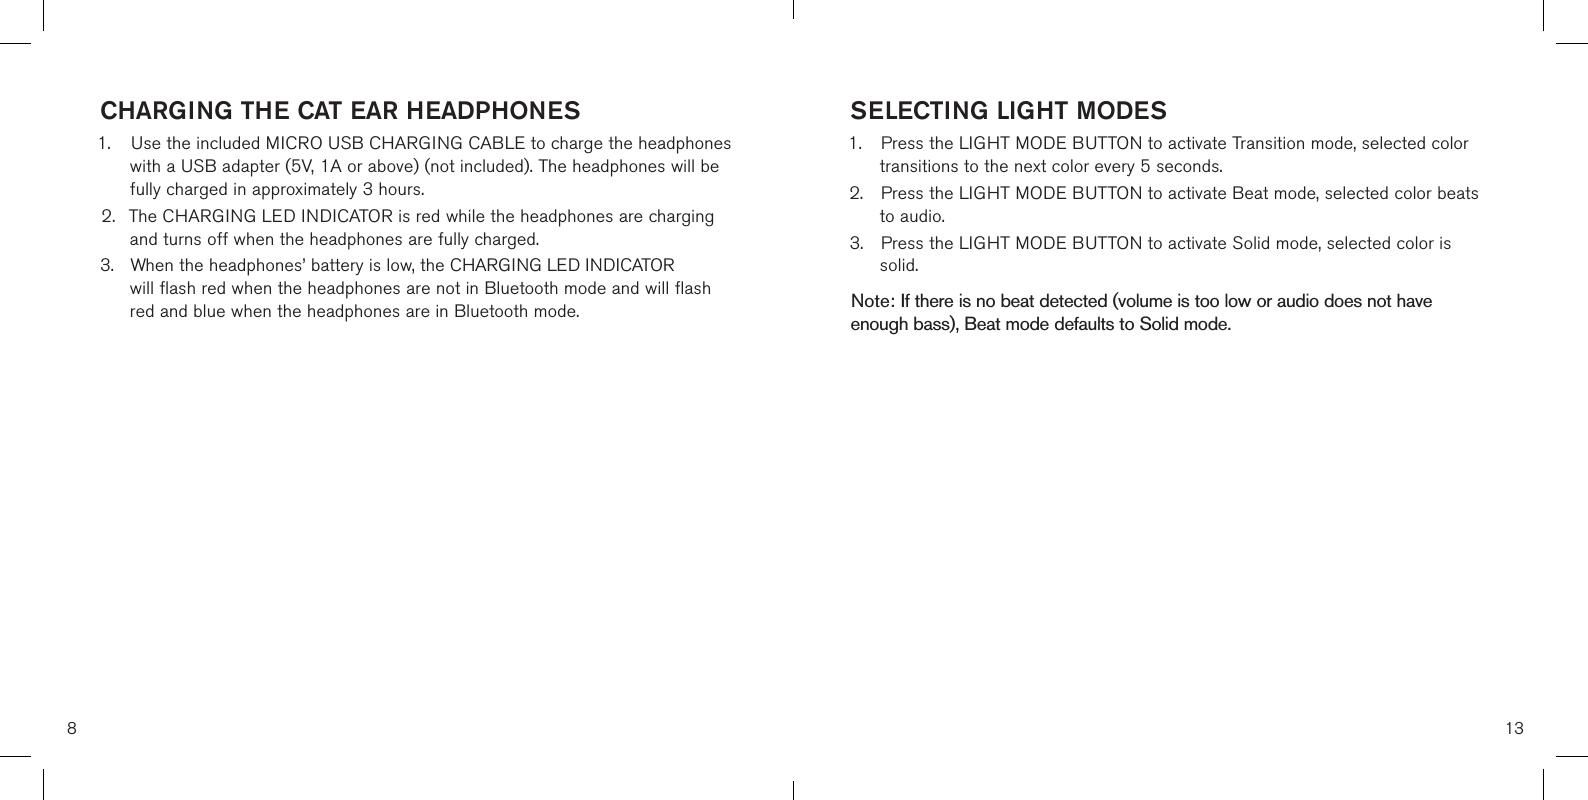 Brookstone cat ear headphones manual